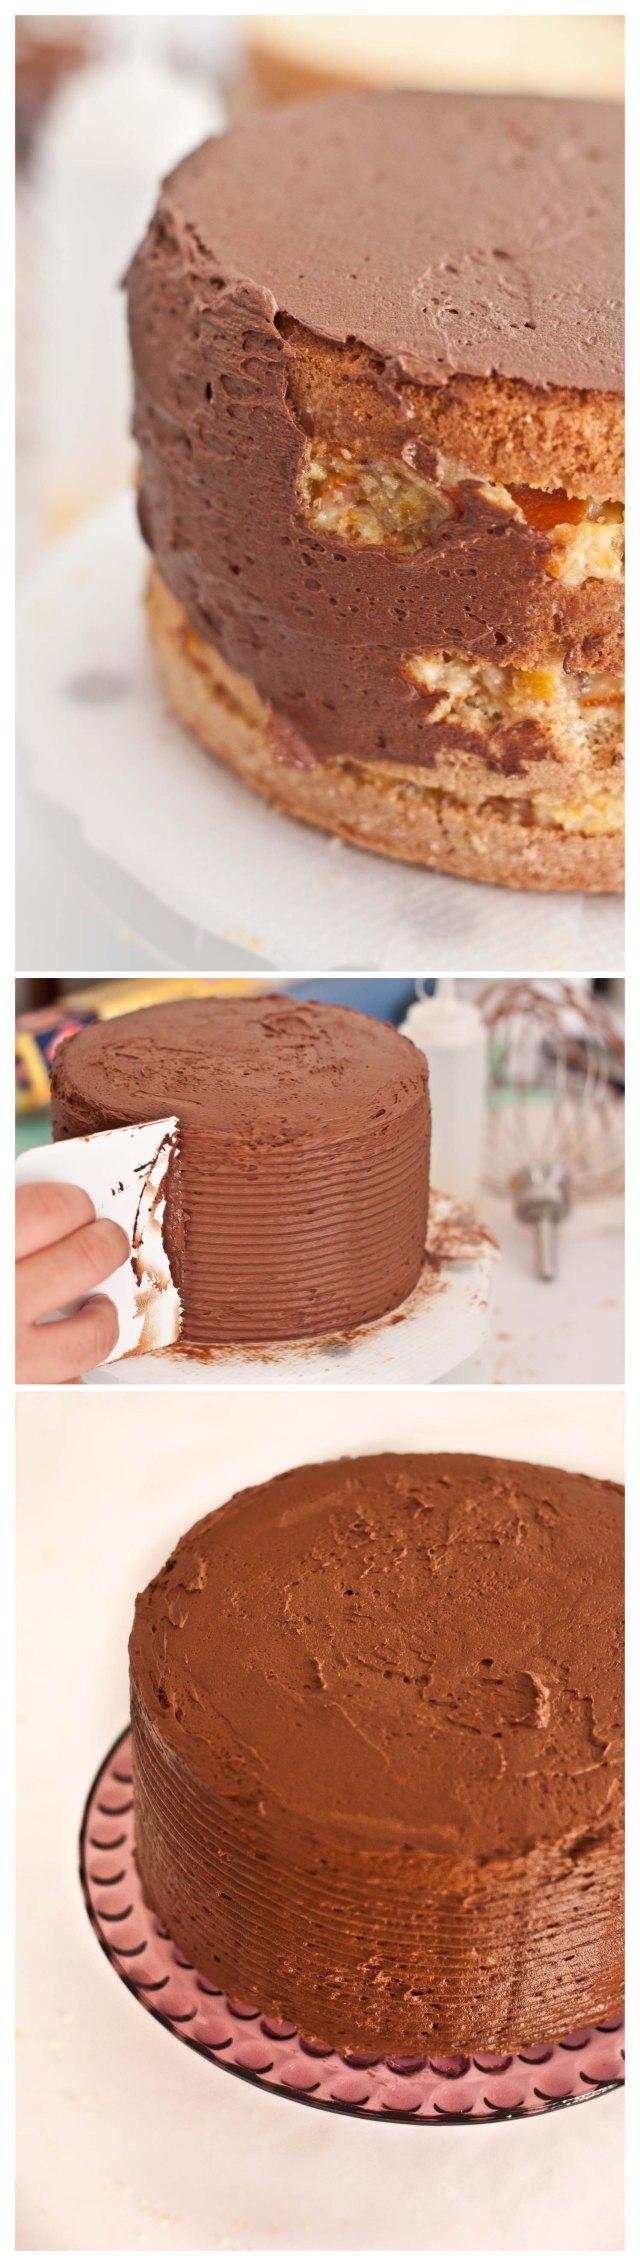 Montaje de la tarta 3